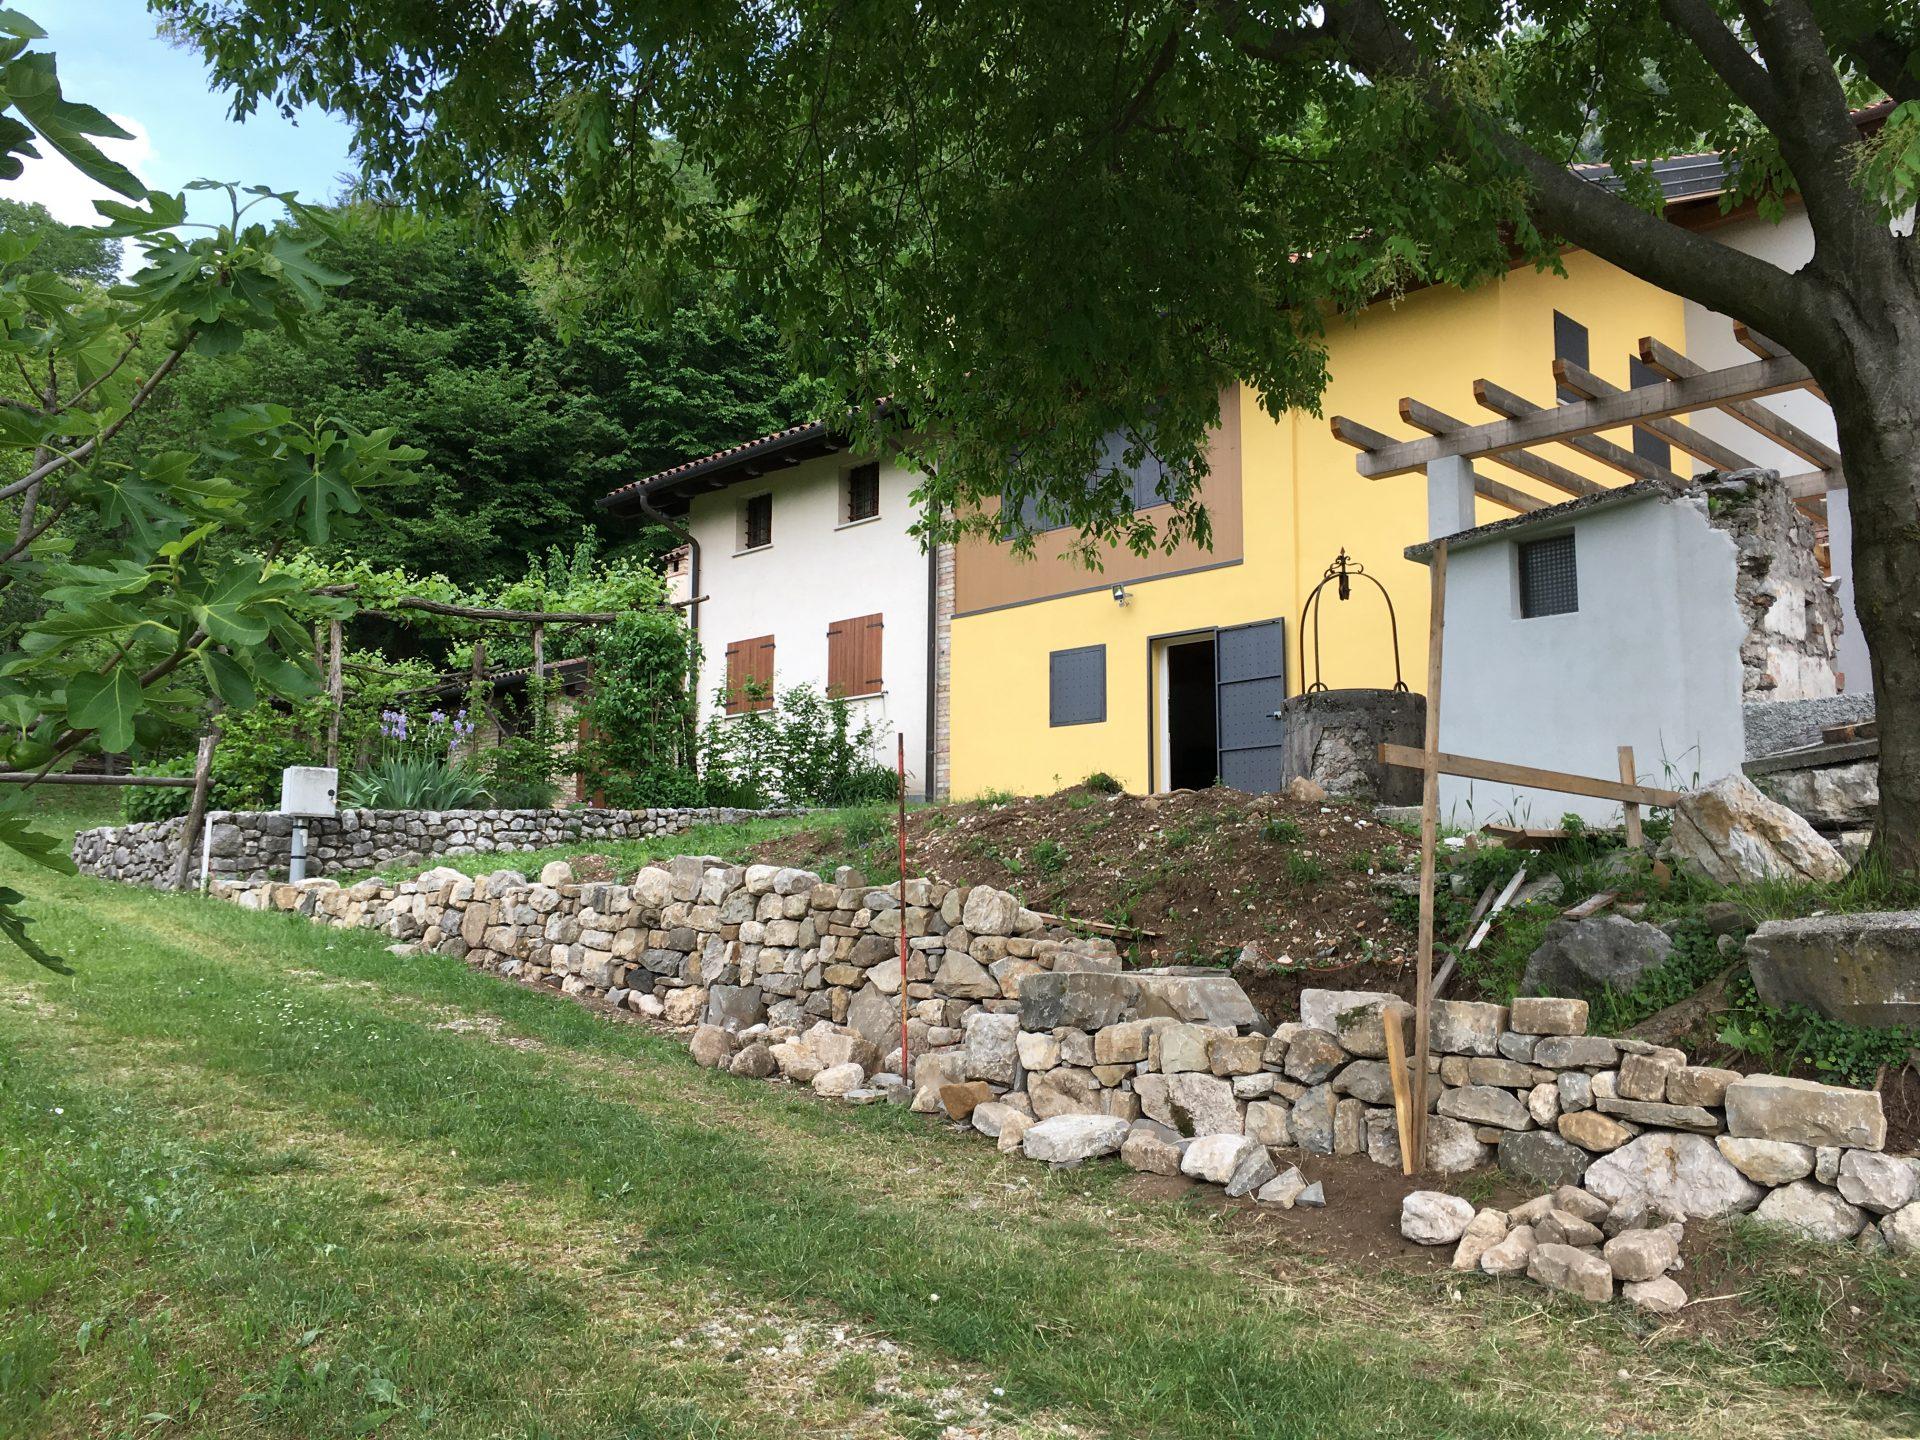 La sede del workshop di antropizzazione del paesaggio con i muri a secco.